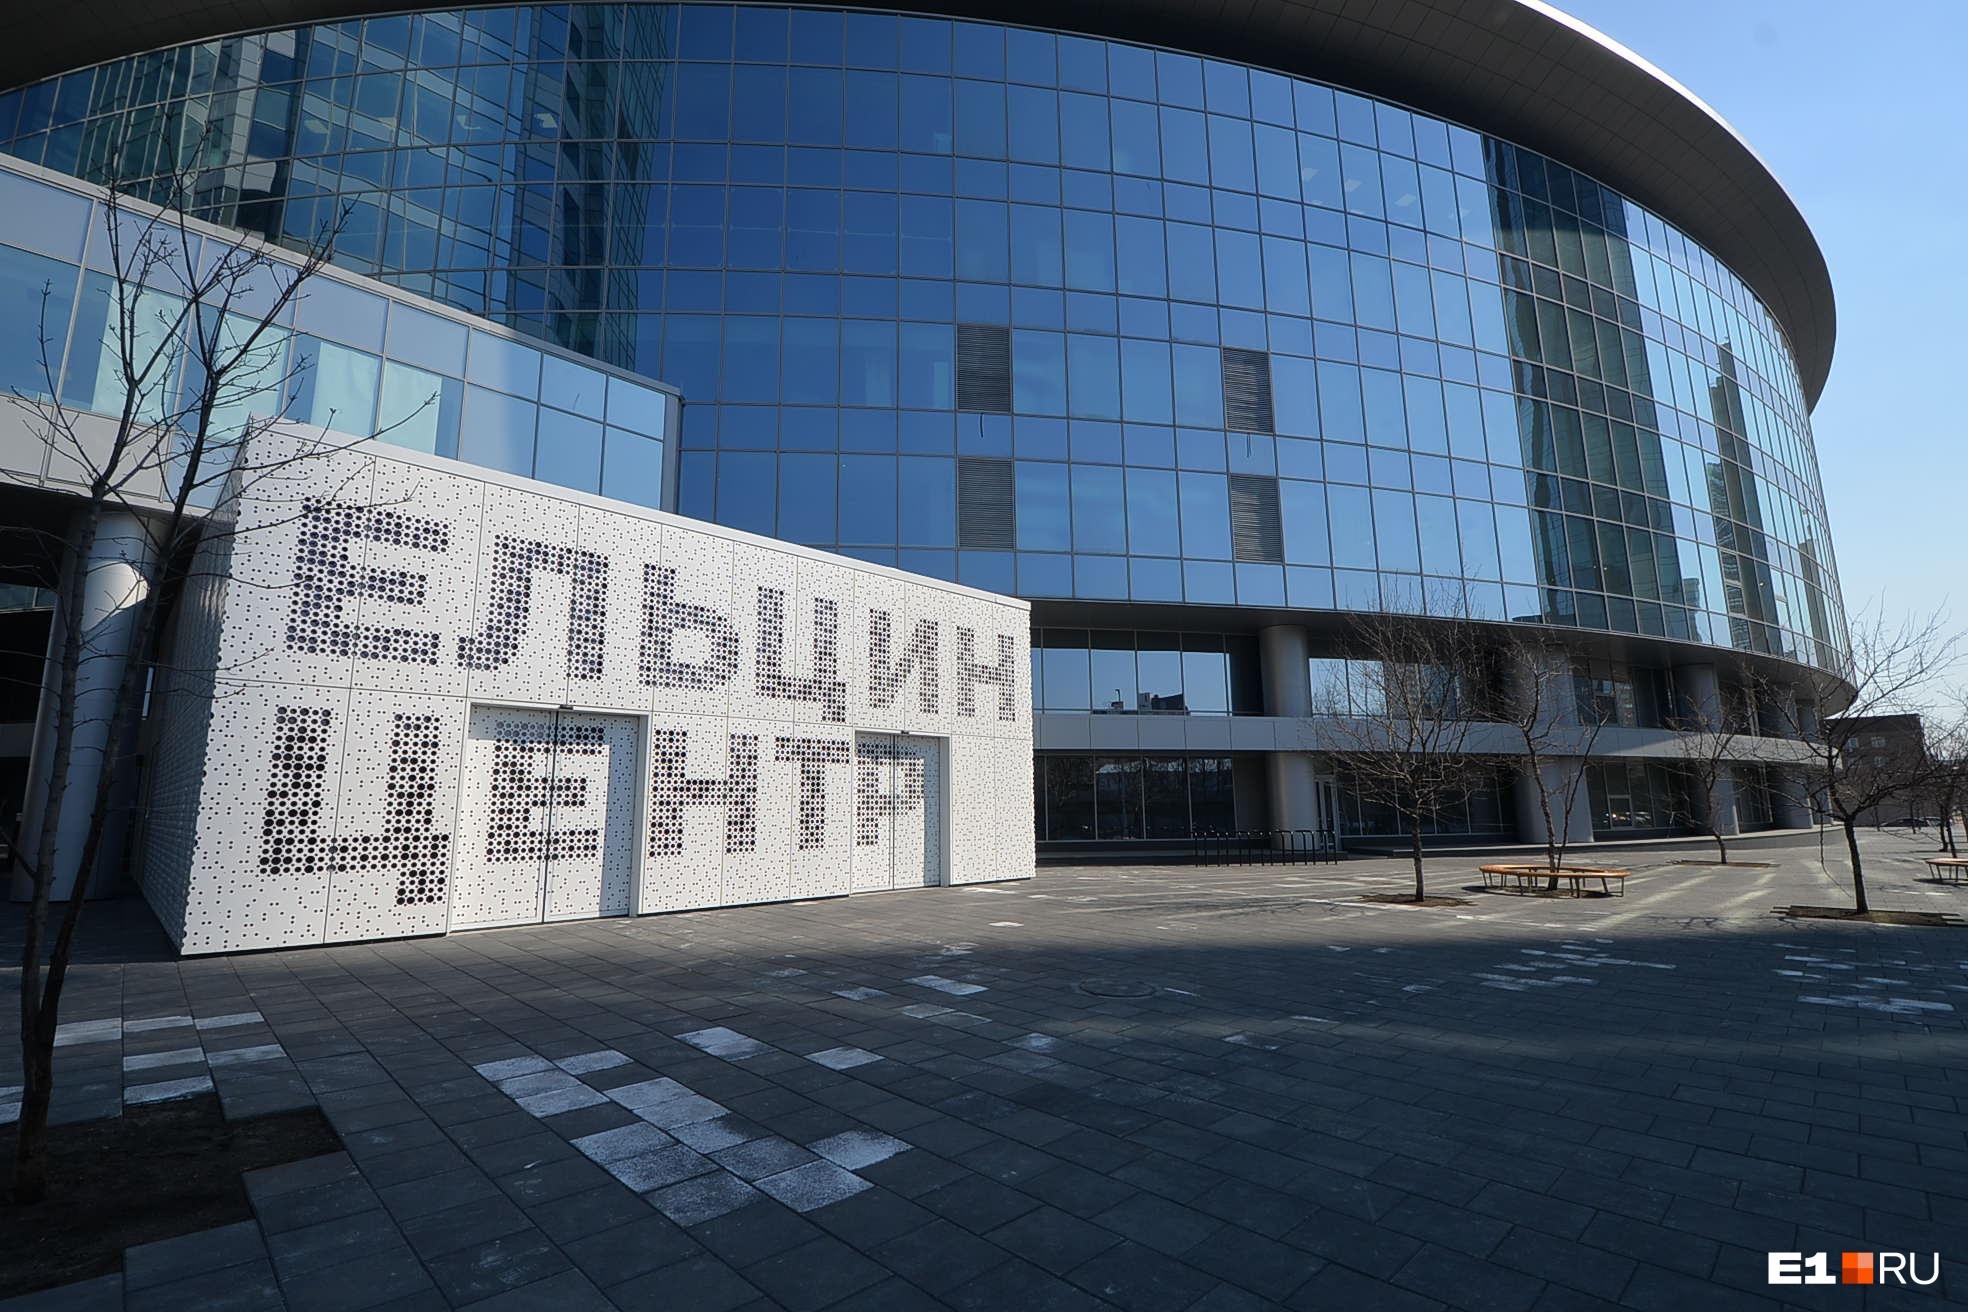 Стоимость аренды офиса в Ельцин Центре привязана к курсу доллара 75 рублей